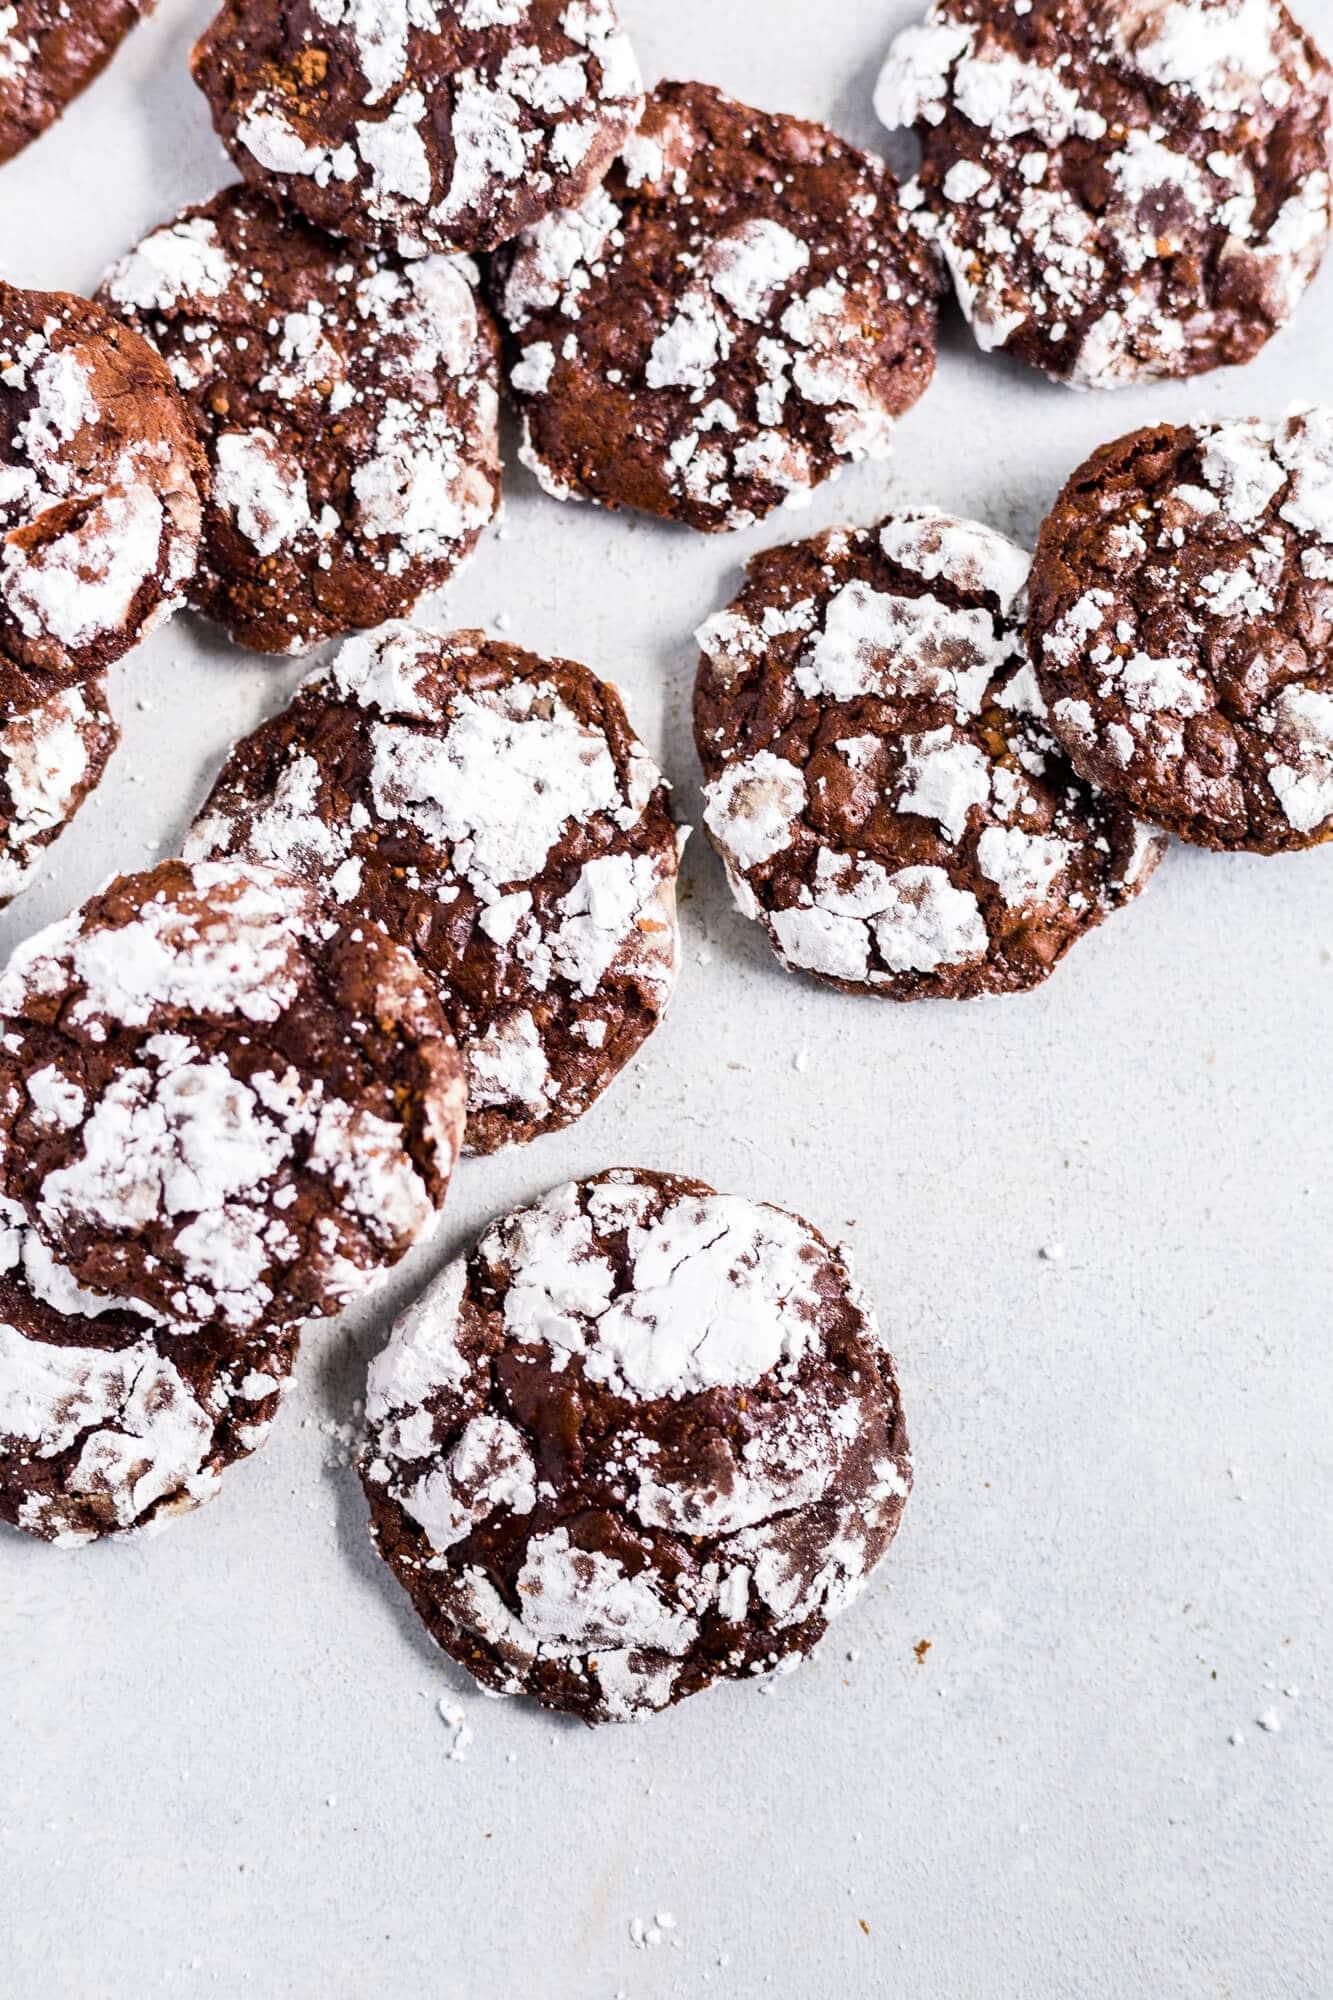 easy gluten free chocolate crinkle cookies